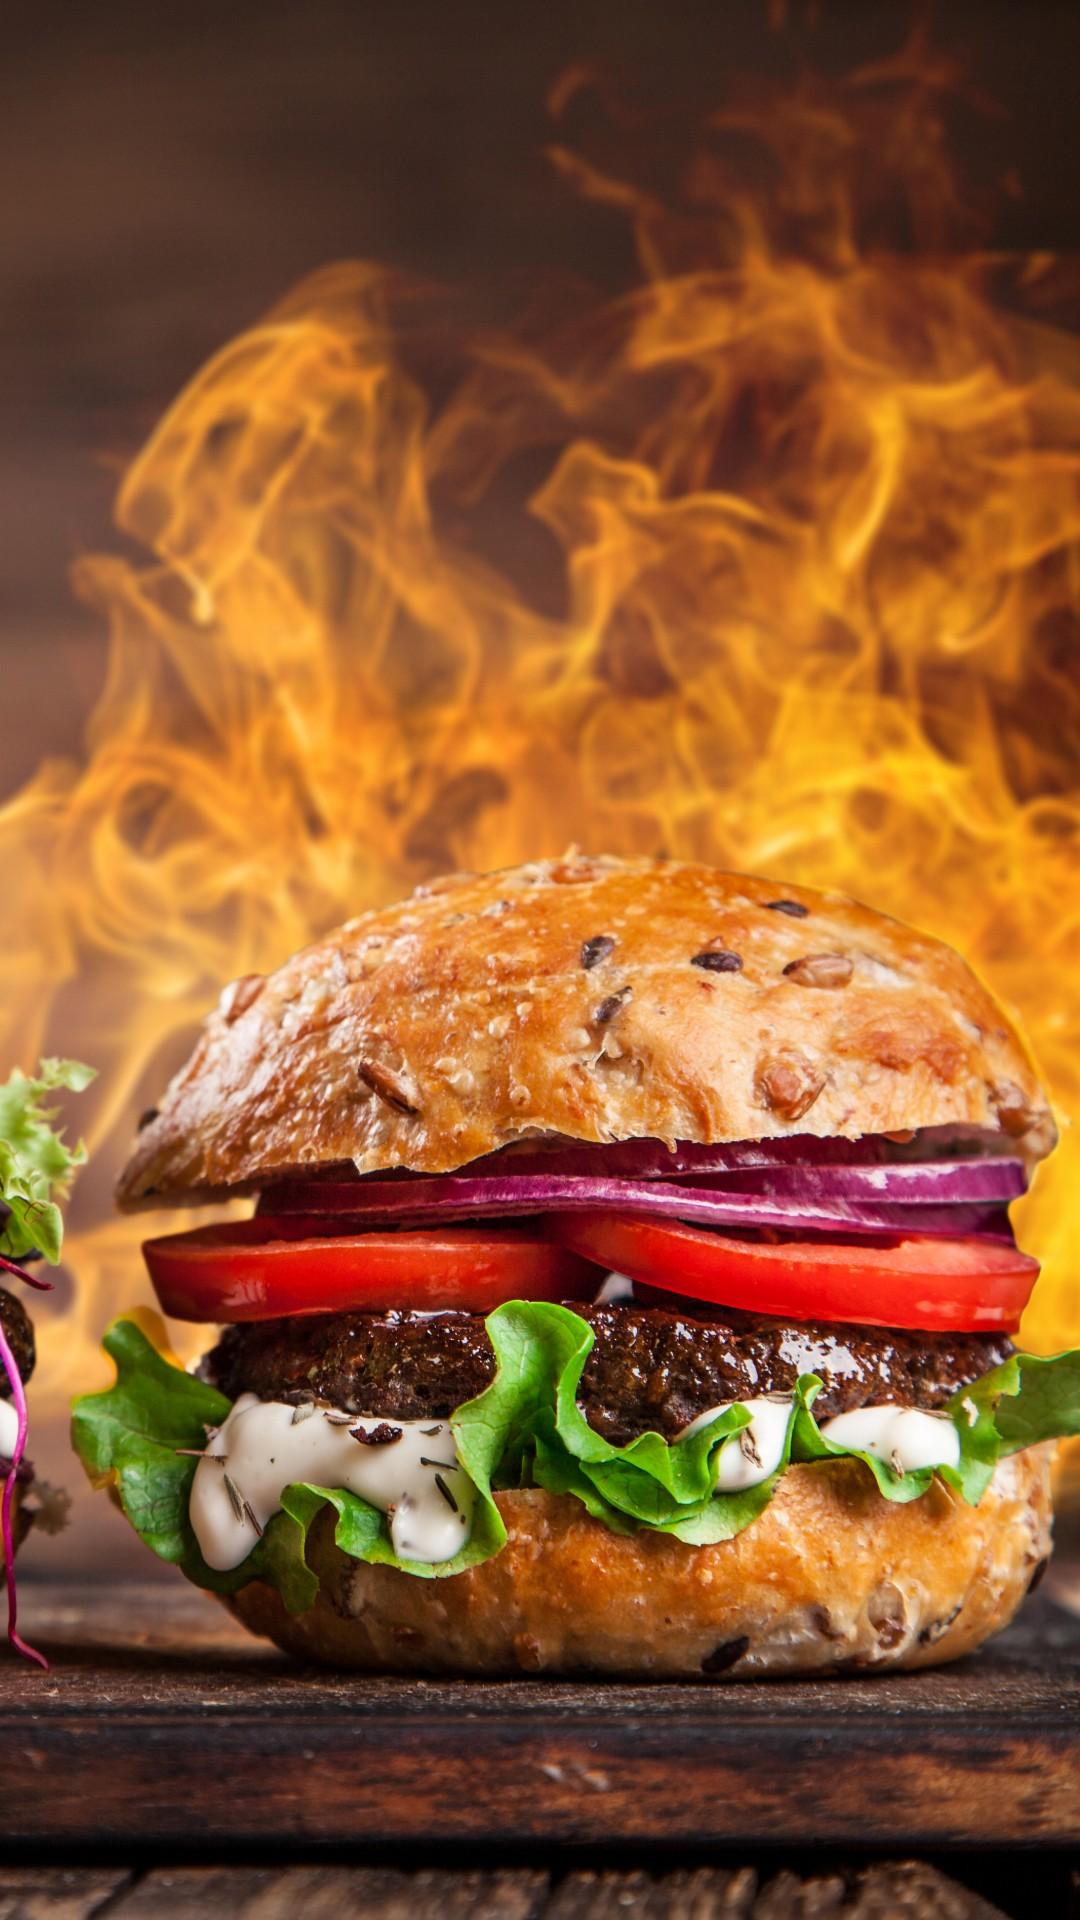 Wallpaper Burger Steak Fire 5k Food 16604